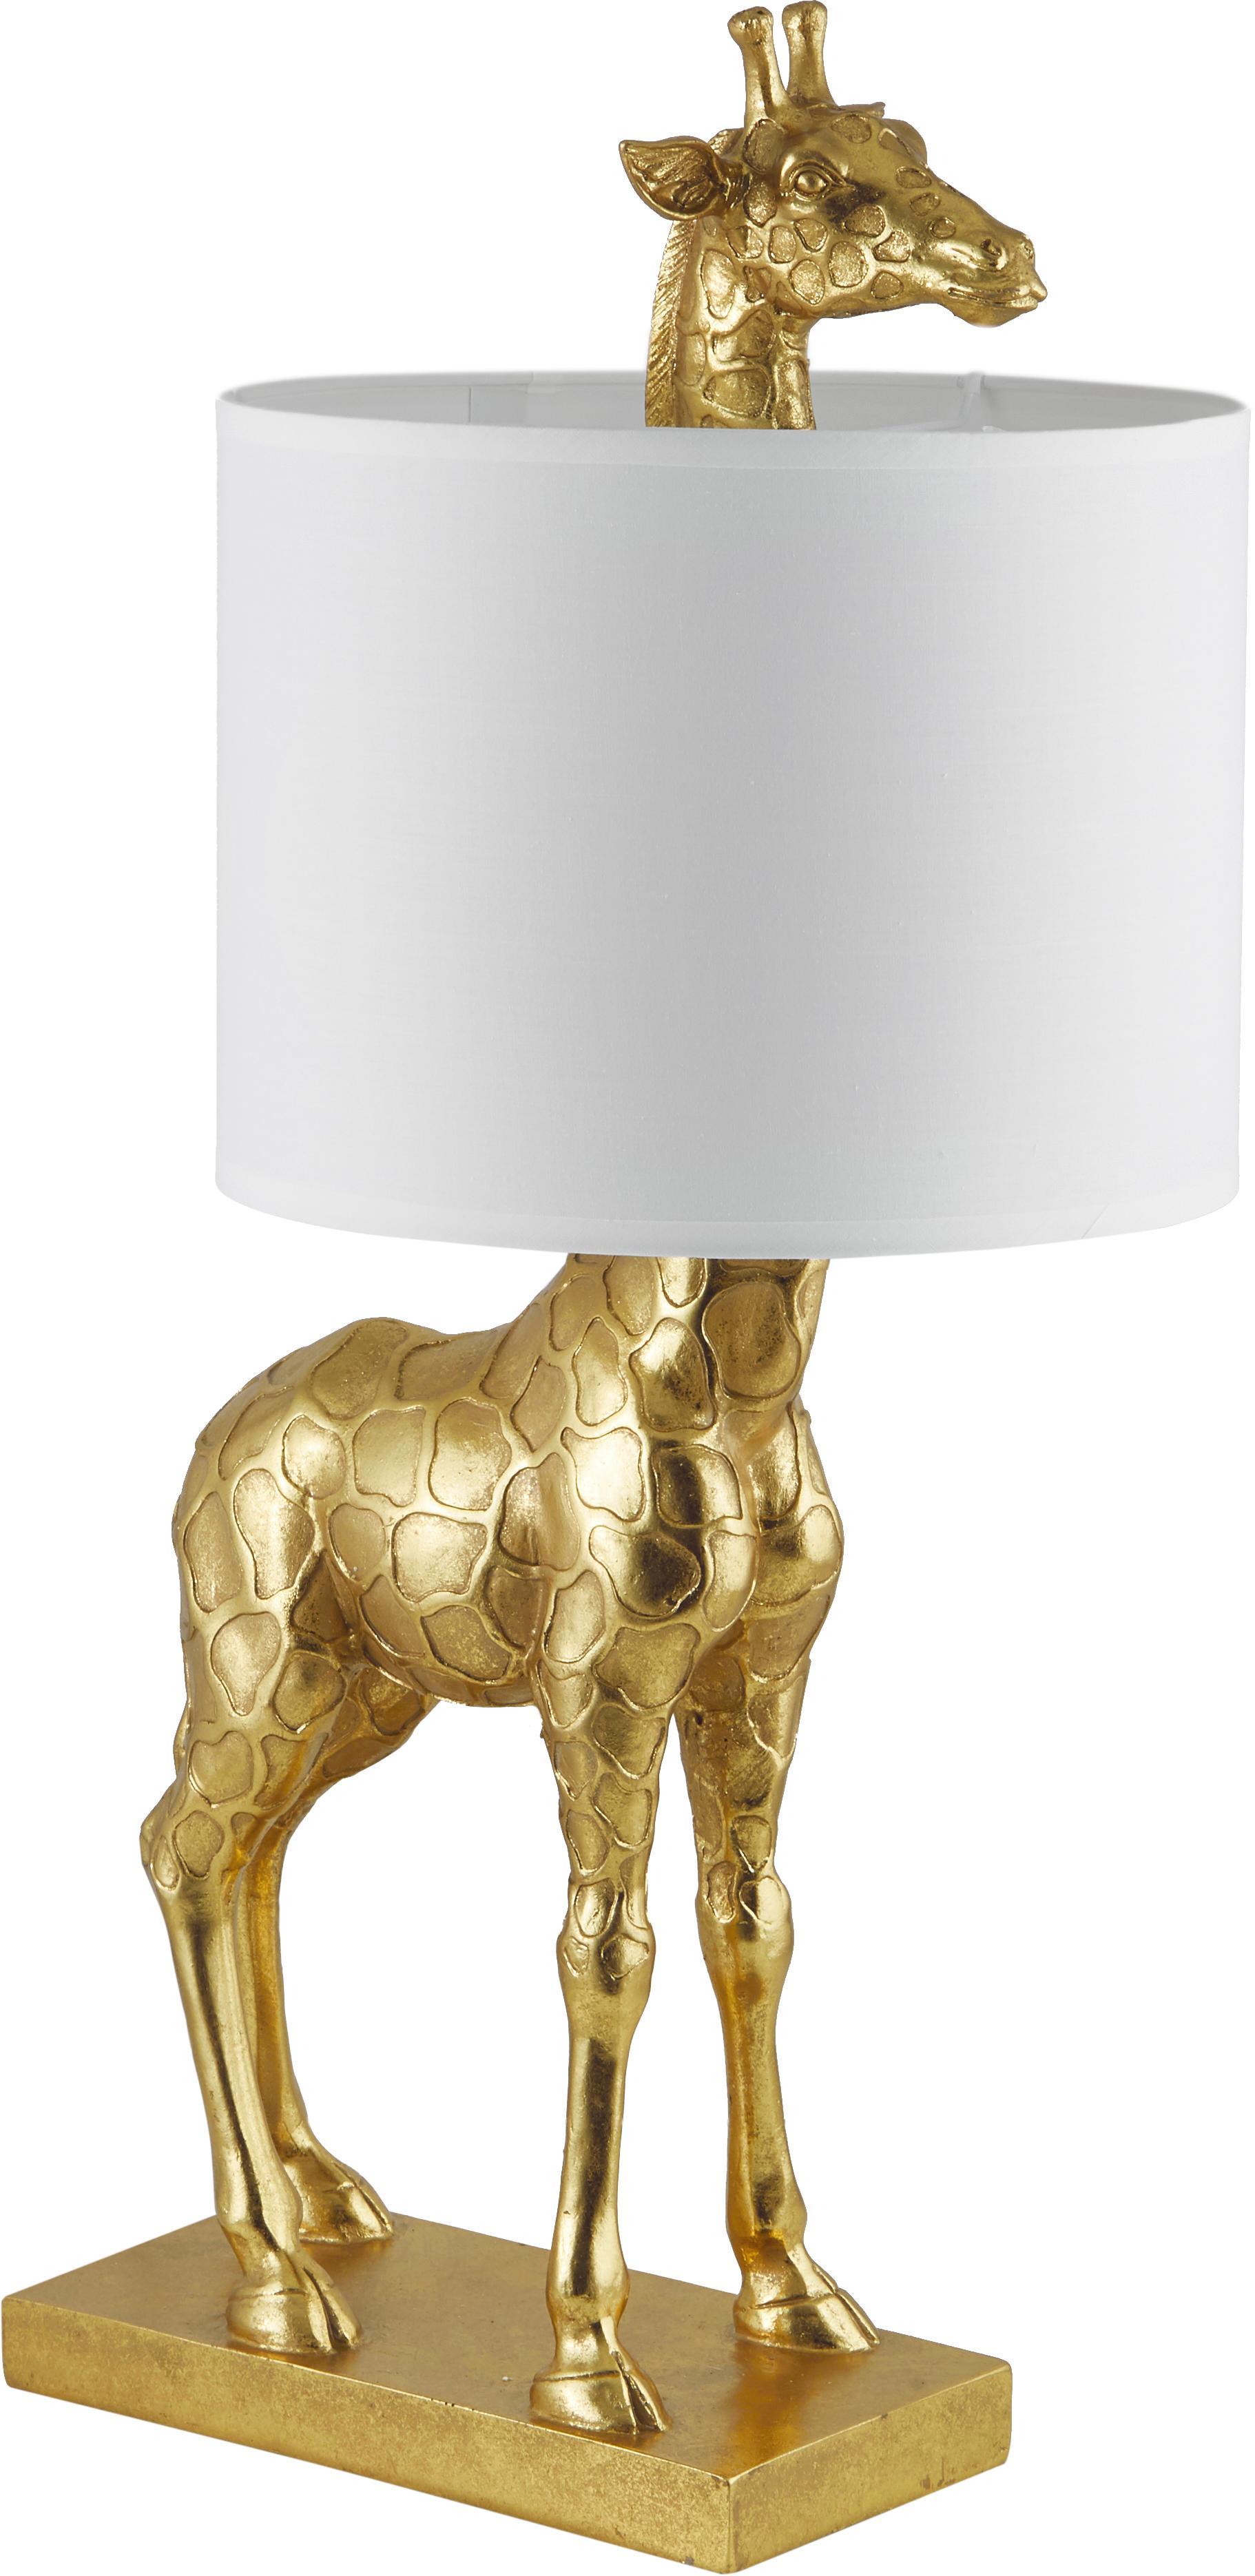 Grosse Design-Tischlampe Epigaea mit Leinenschirm, Lampenschirm: Leinen, Goldfarben, Weiss, 35 x 70 cm